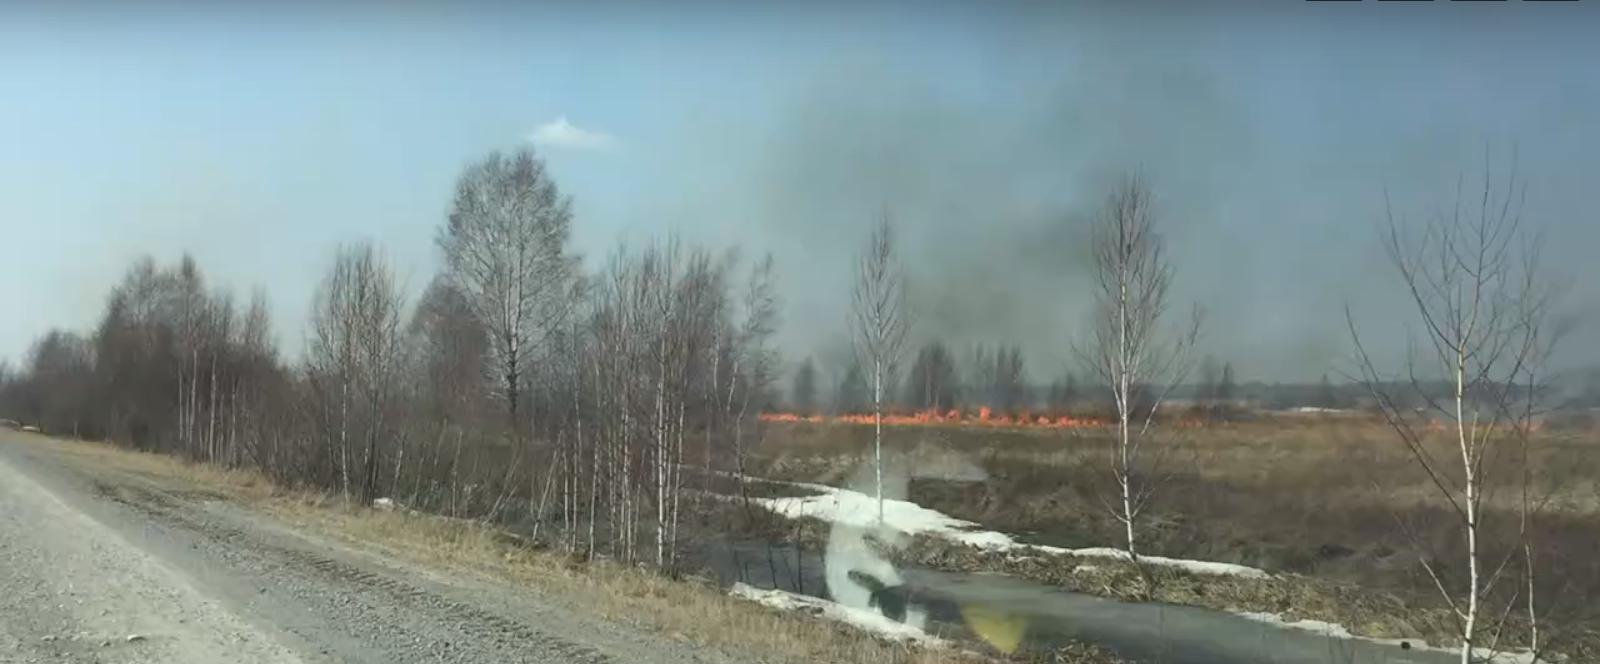 Чановский район Новосибирской области, 11 апреля 2020 года